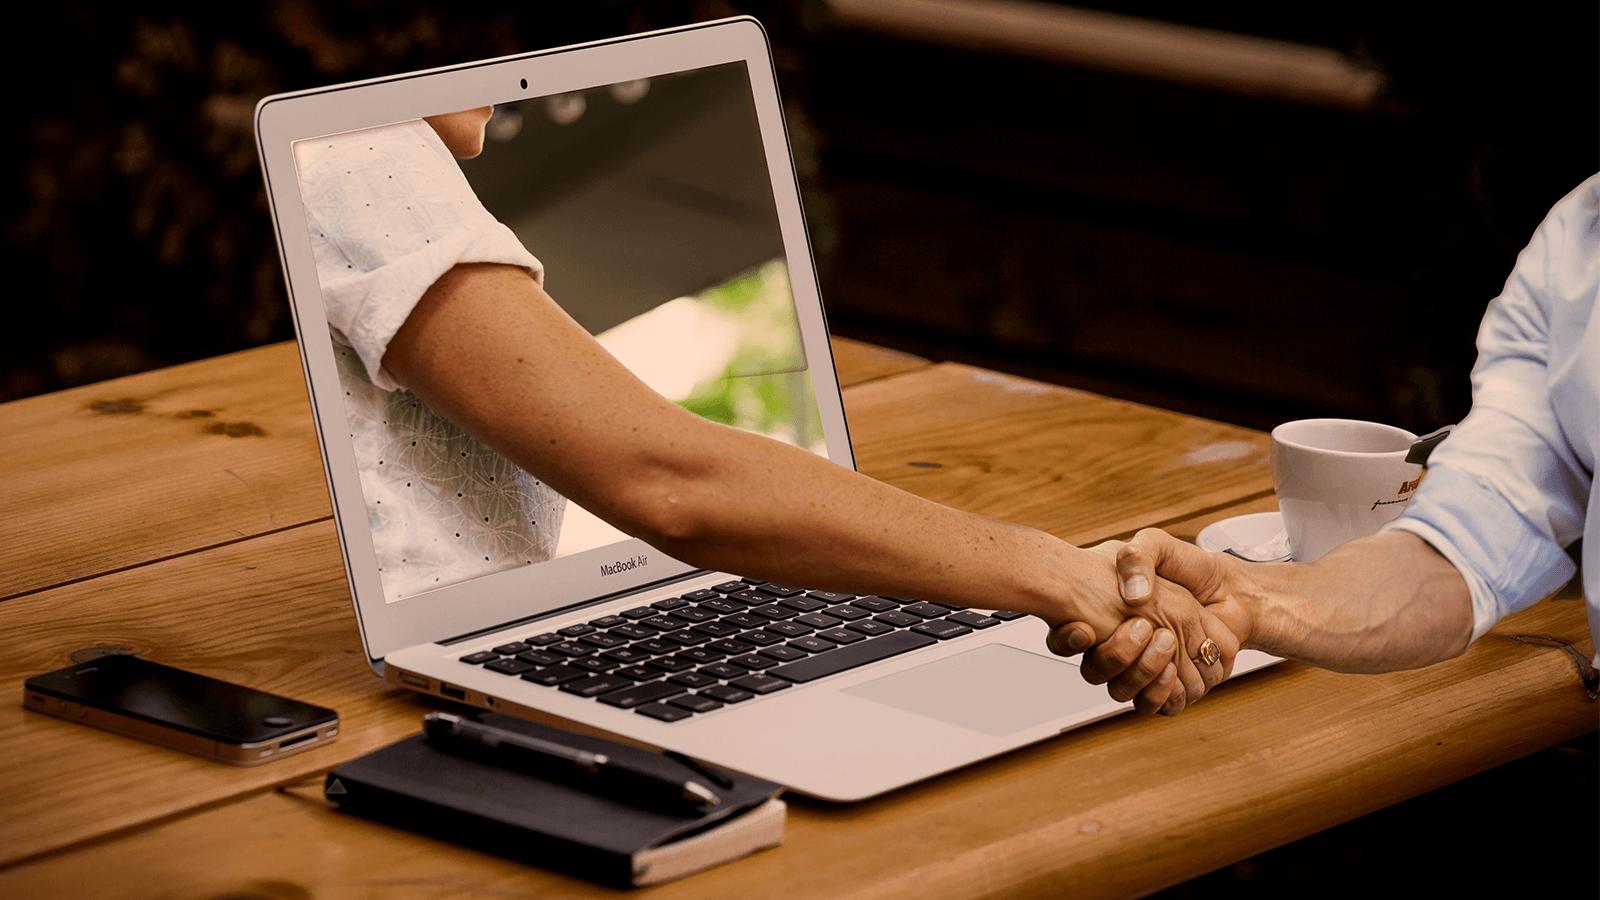 Match 360 con IA asignacion inteligente entre leads y agentes comerciales